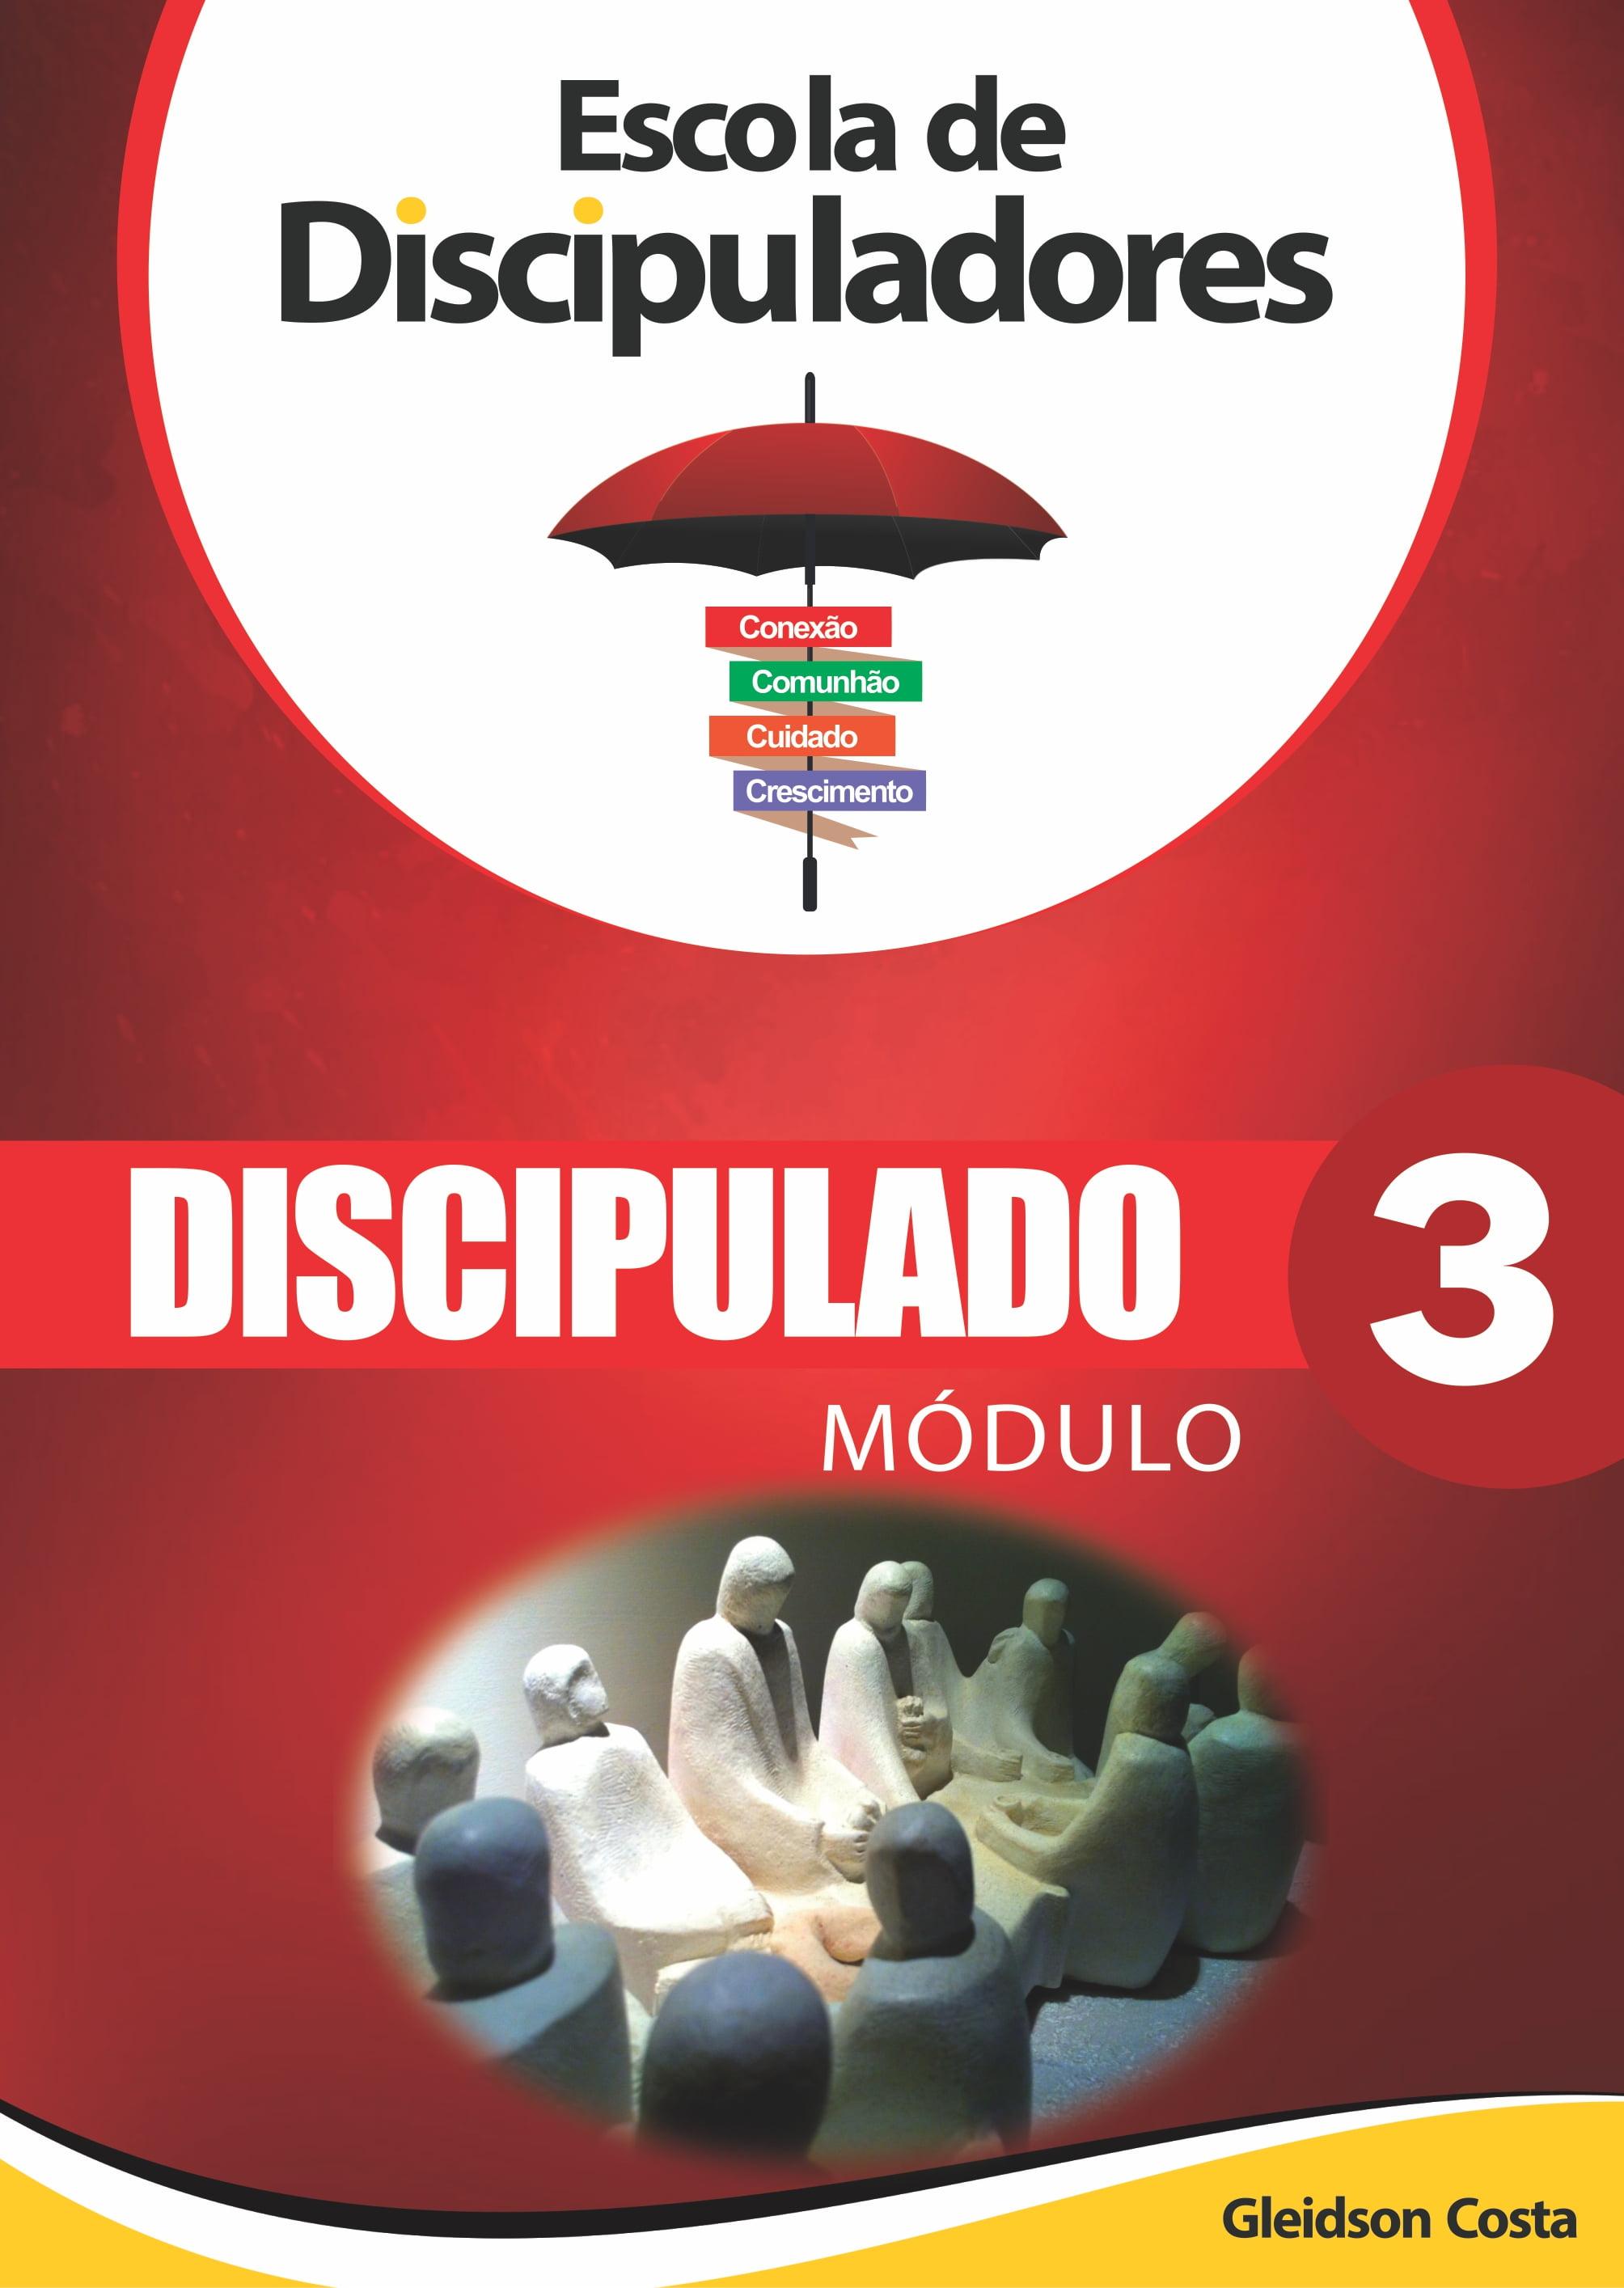 ***ESCOLA DE DISCIPULADORES MOD 3 - 11 A 20 UNIDADES DESC. DE 15%